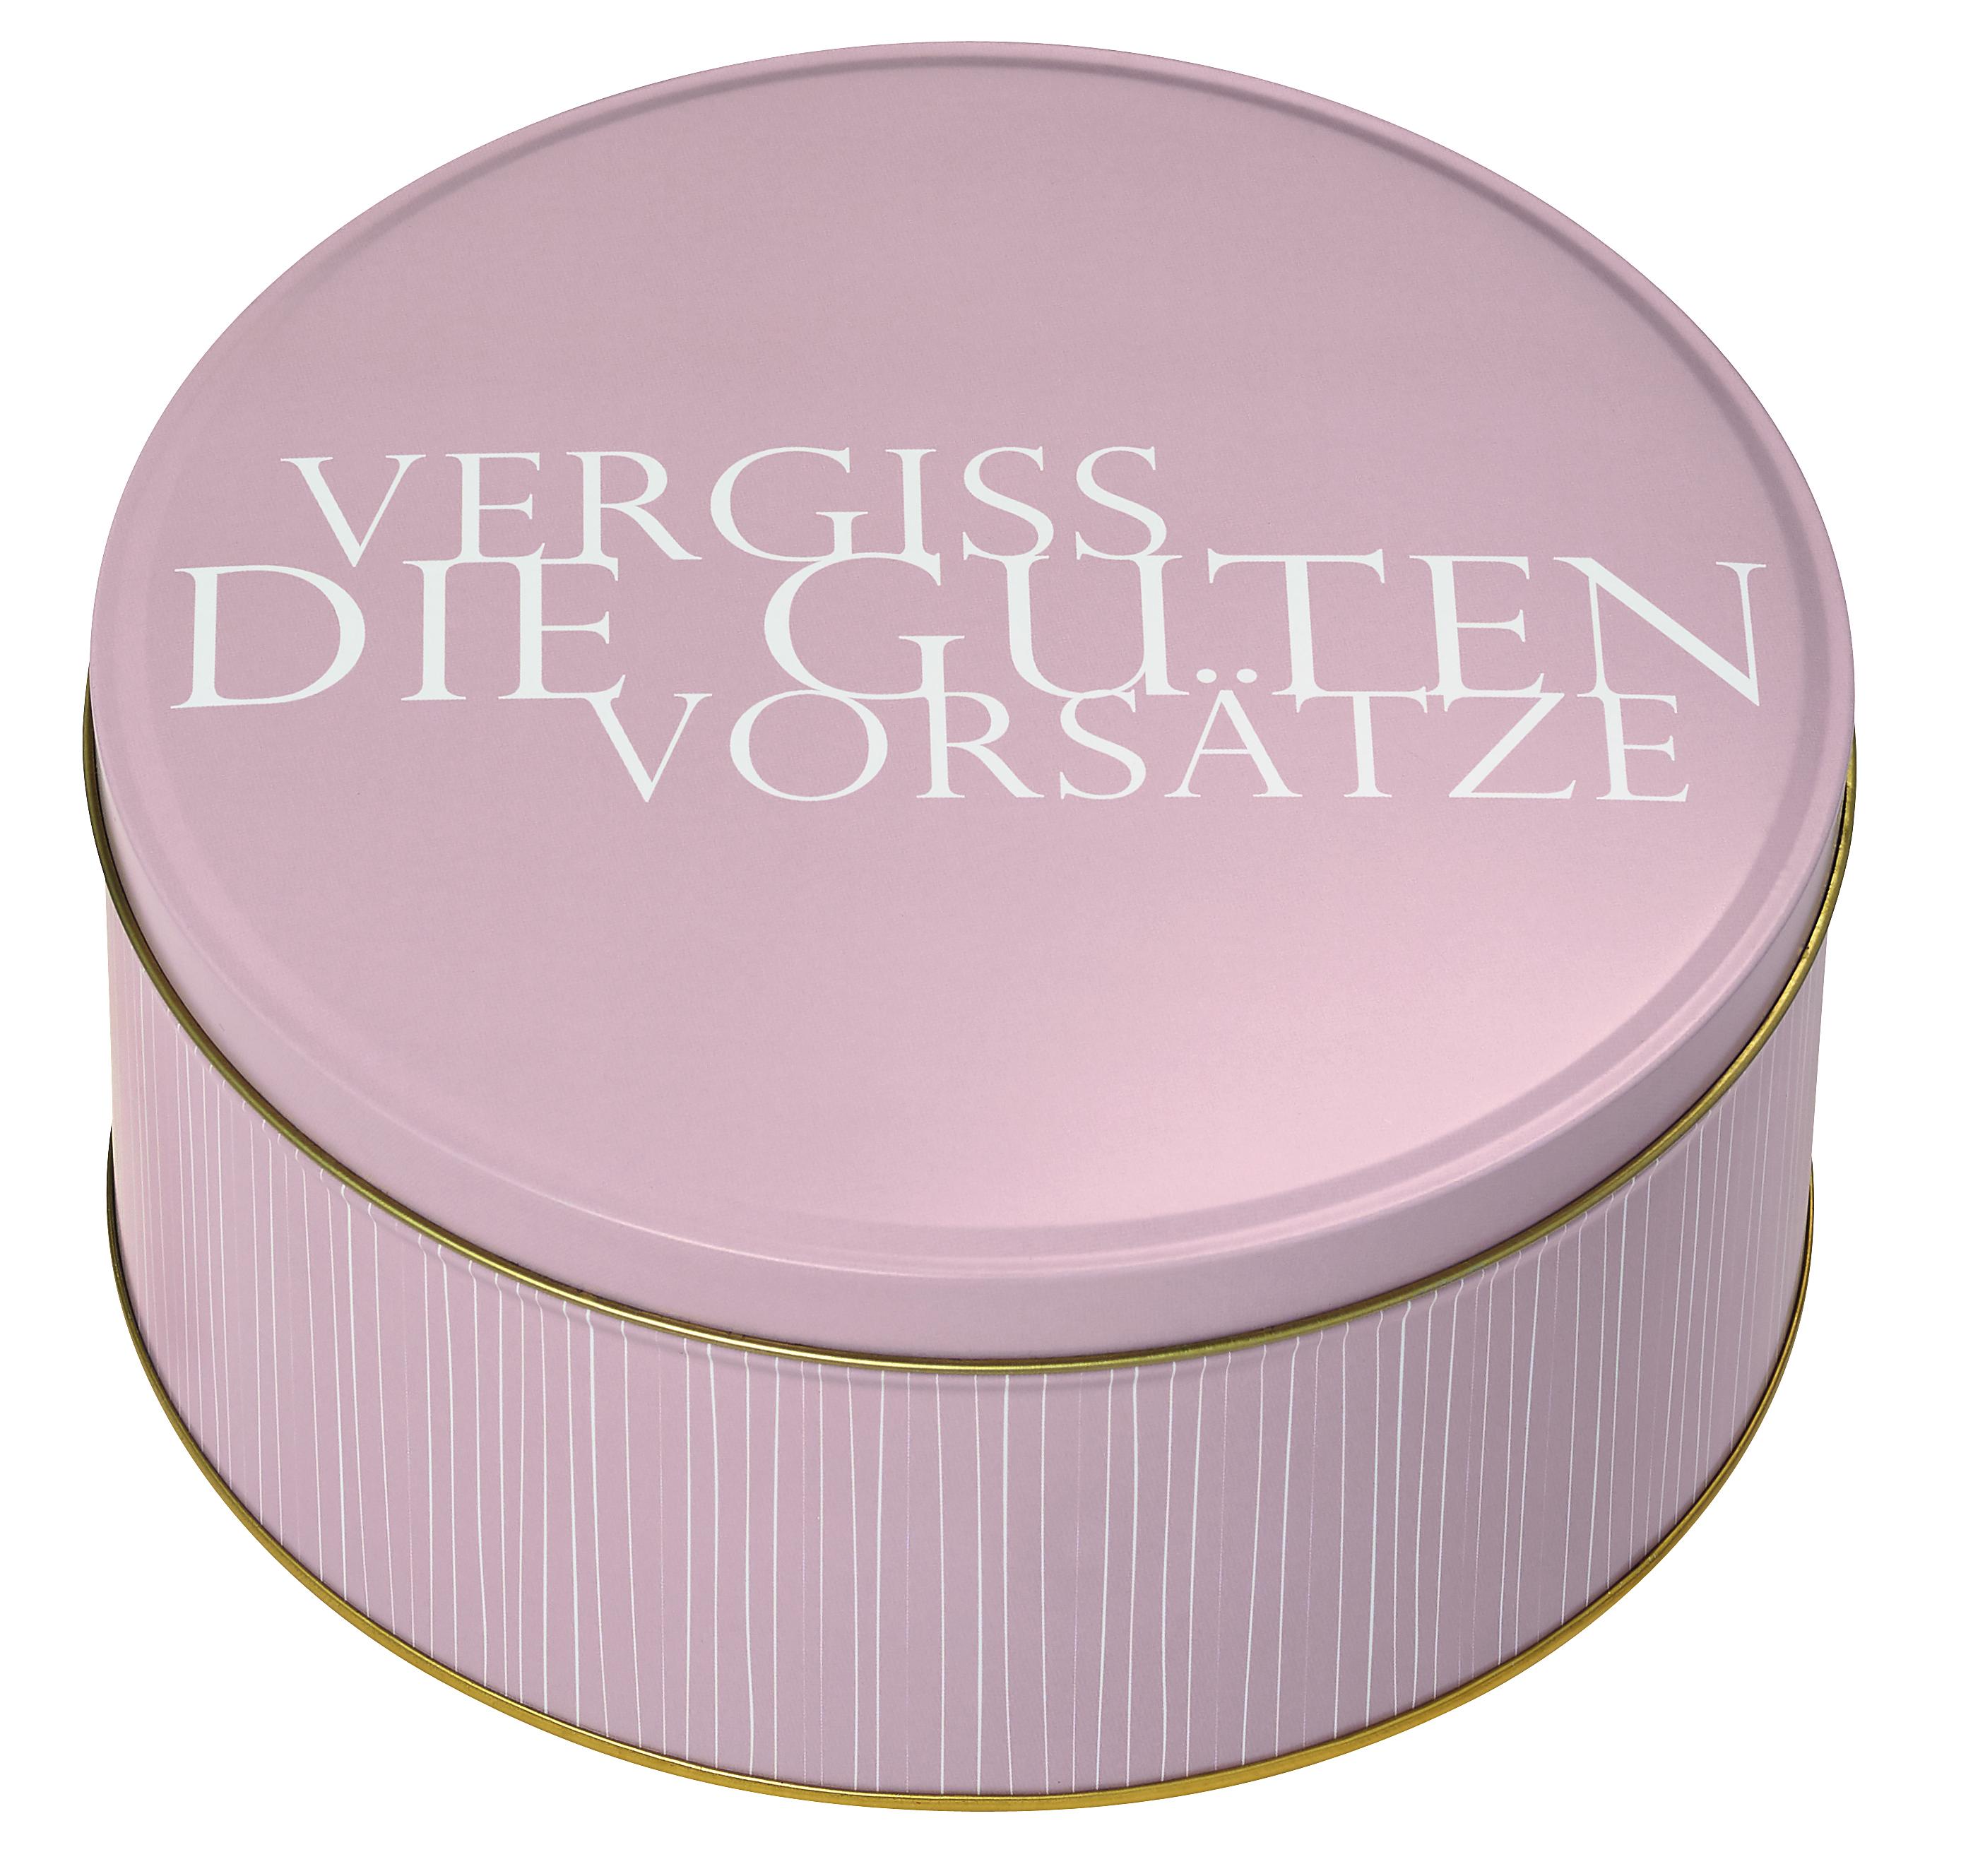 Nützlichküchenaccessoires - Keksdose Vergiss die guten Vorsätze rosa gold weiß räder - Onlineshop Tante Emmer